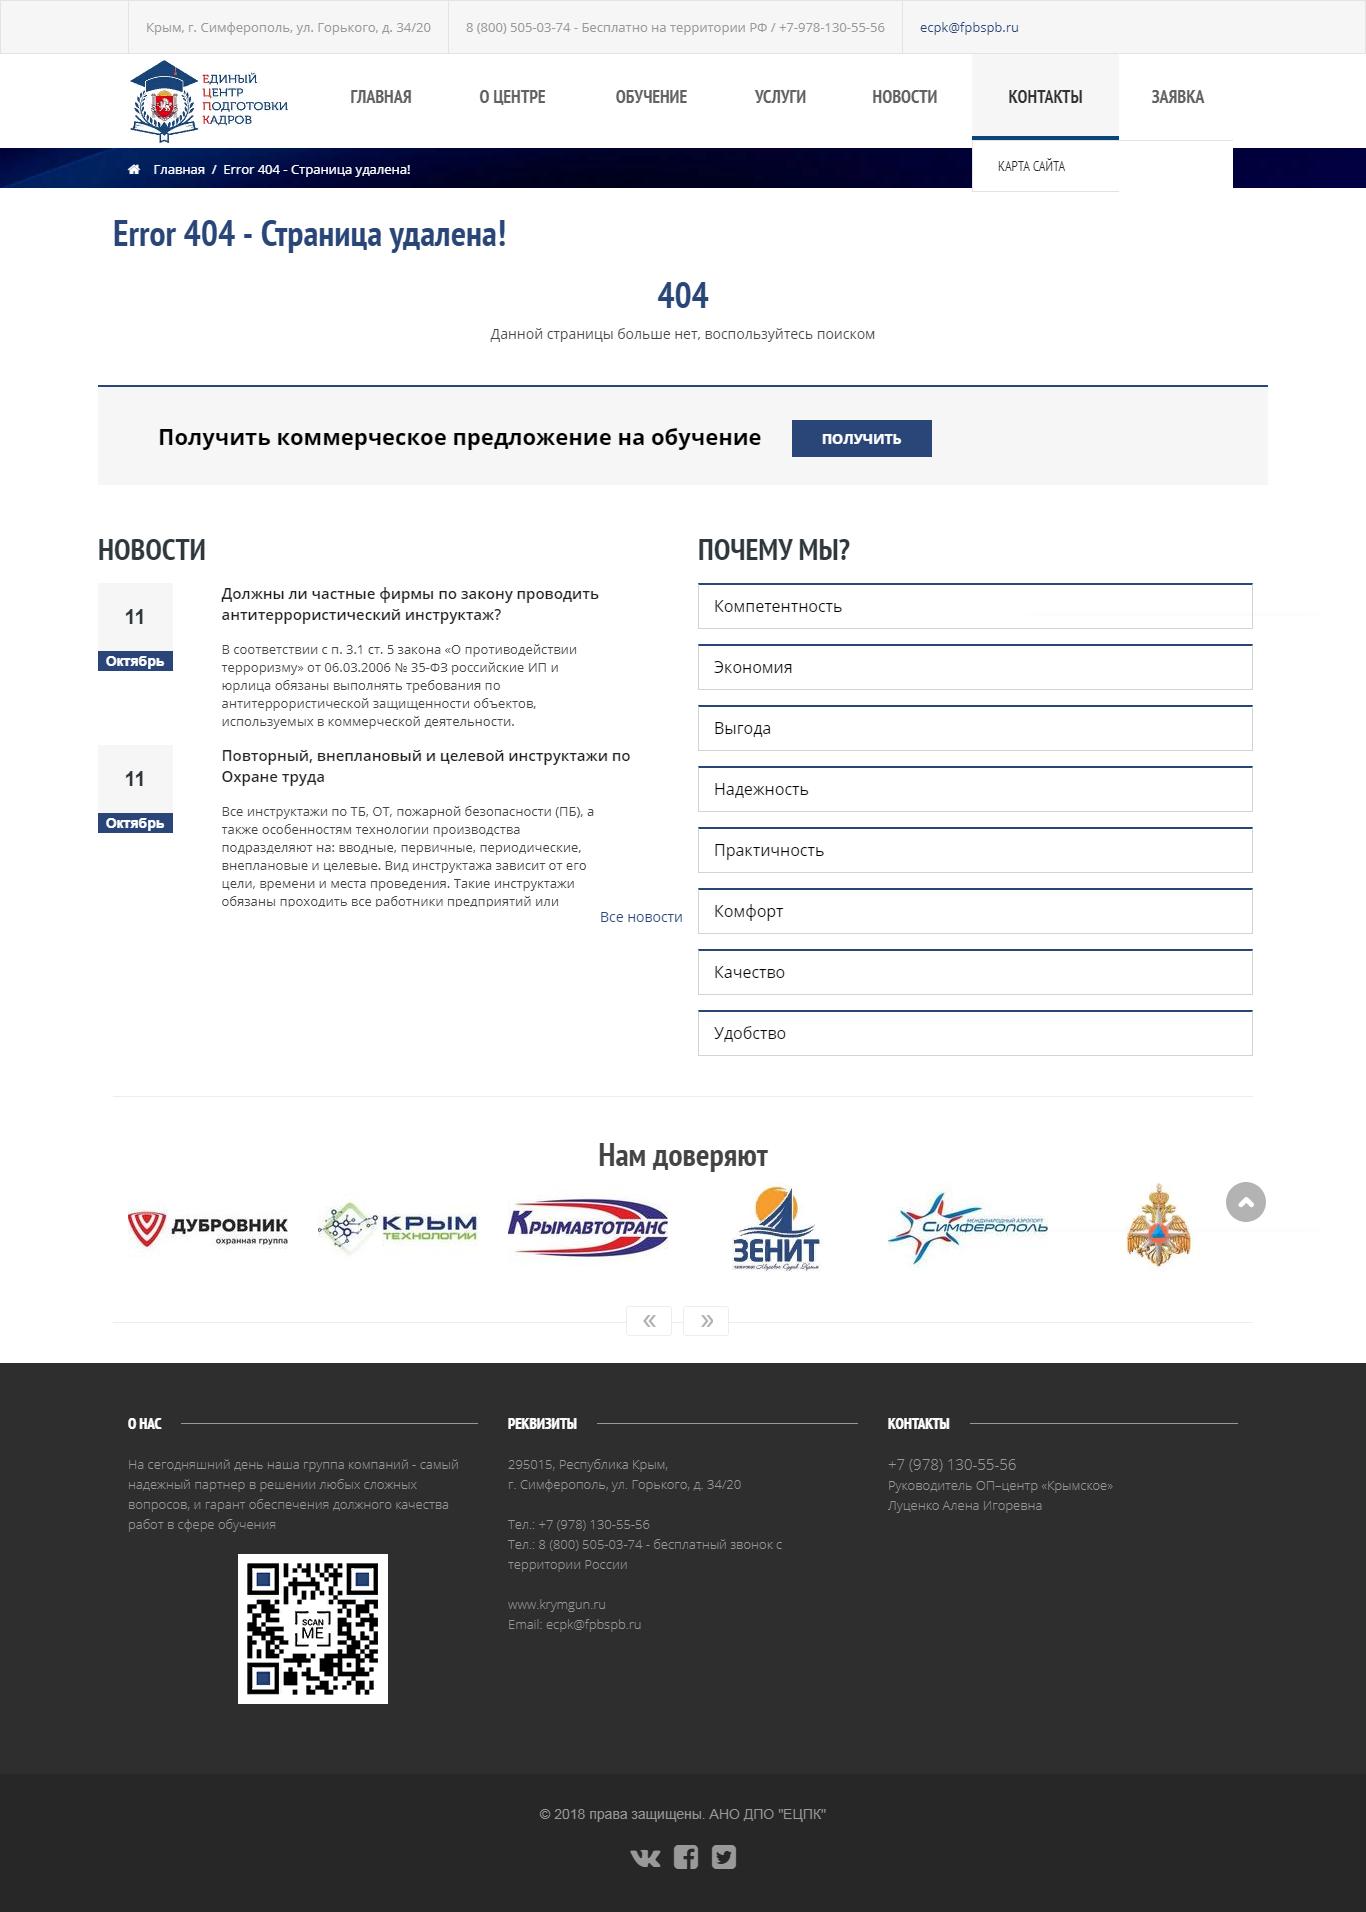 Переверстка шаблона страницы и оптимизация сайта http://krymgun.ru/